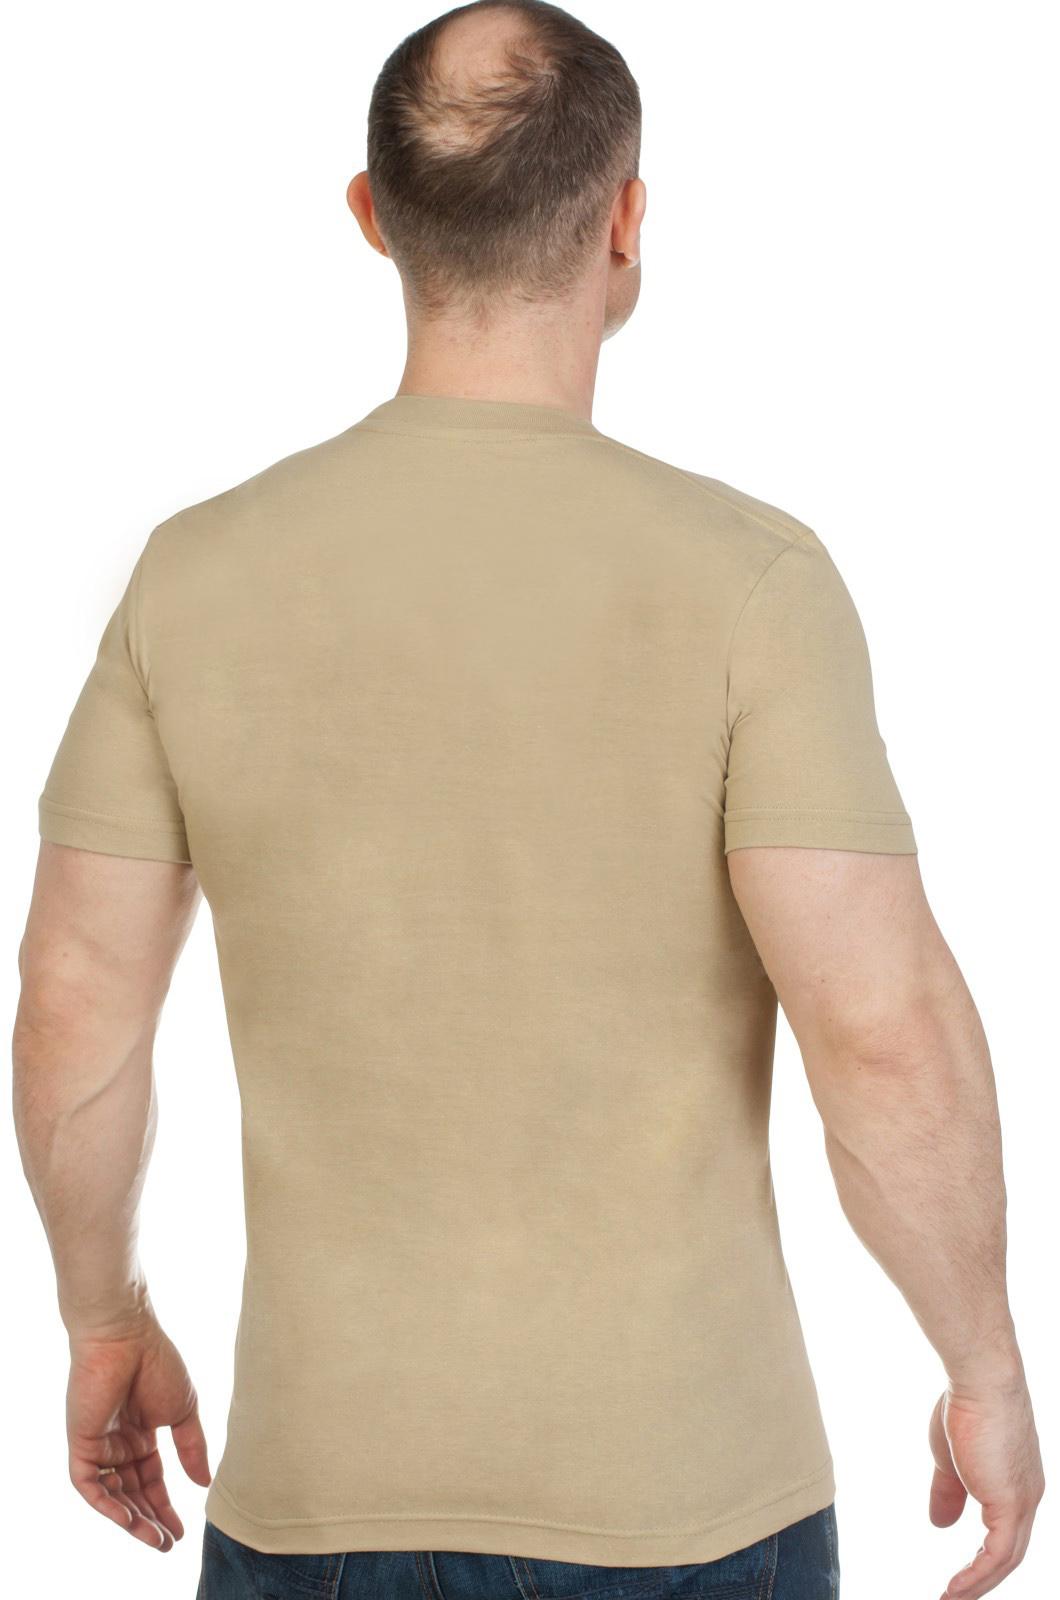 Хлопковая светлая футболка с вышивкой Военная Разведка Новороссии - купить онлайн